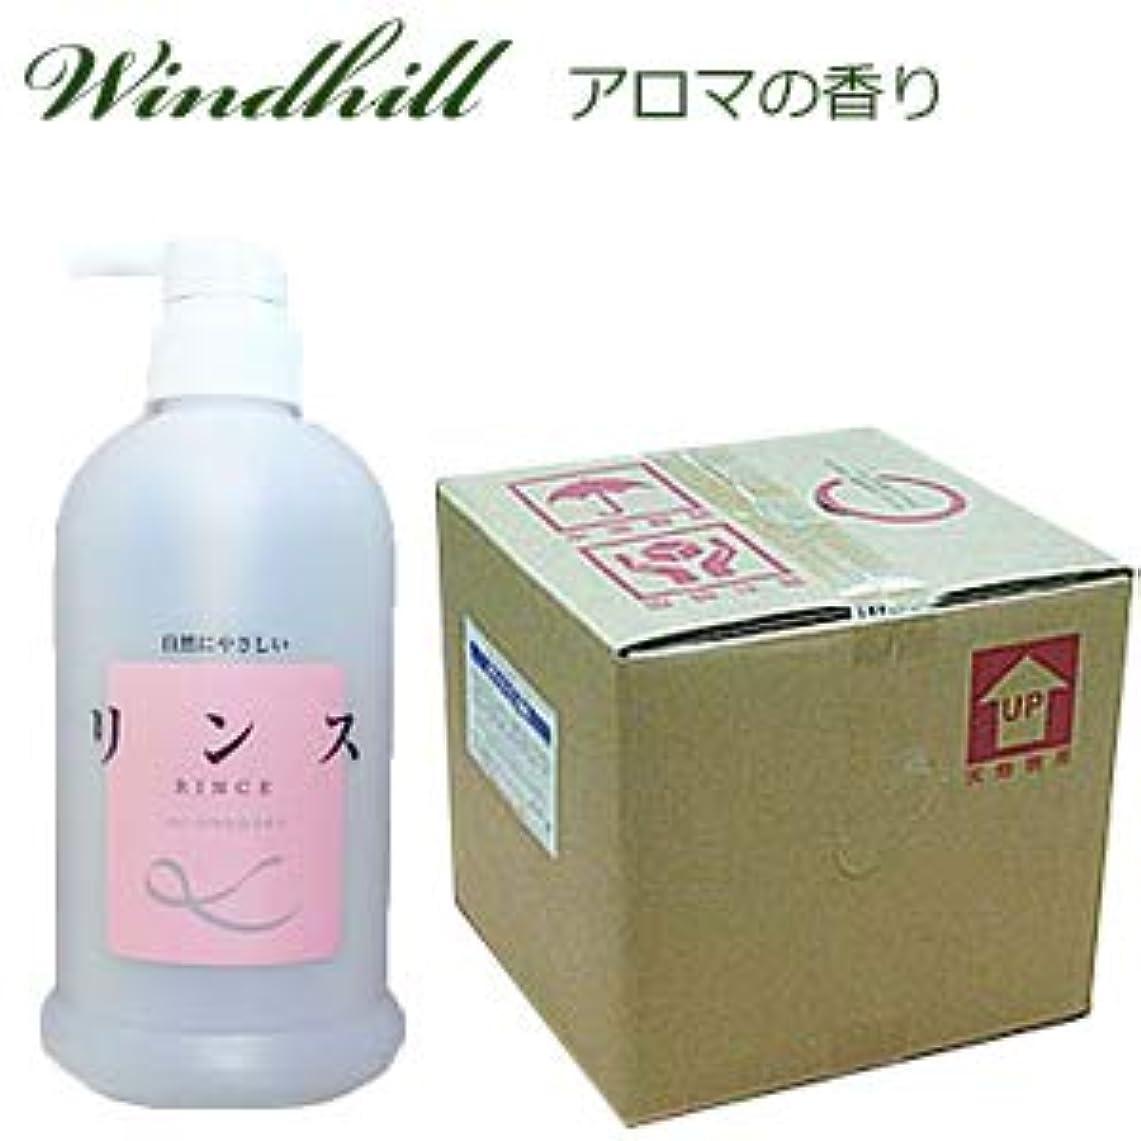 居眠りする鼓舞する魚なんと! 500ml当り188円 Windhill 植物性業務用 リンス 紅茶を思うアロマの香り 20L